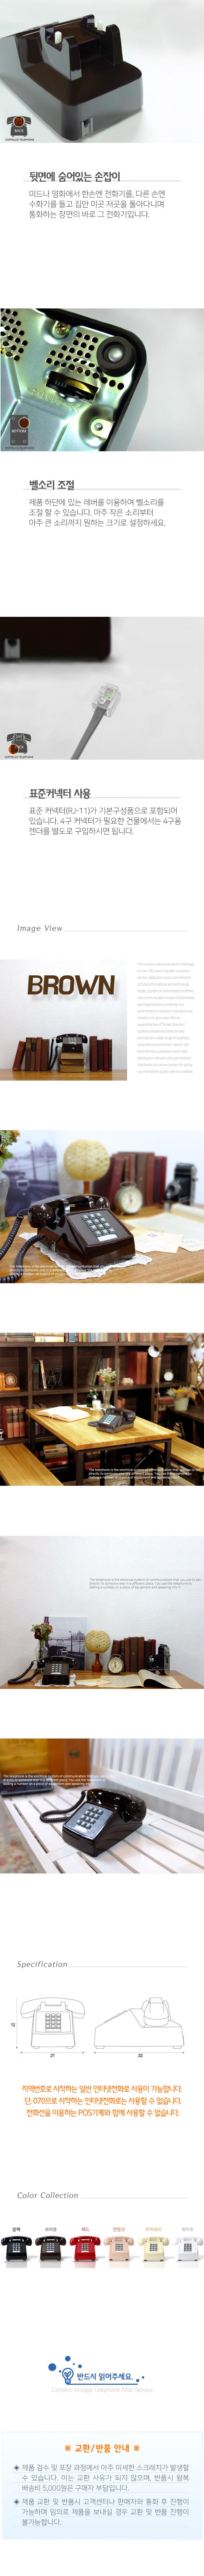 코텔코 Made in USA 빈티지 데스크 유선전화기 브라운 - 원더스토어, 138,000원, 인테리어전화기, 데스크용